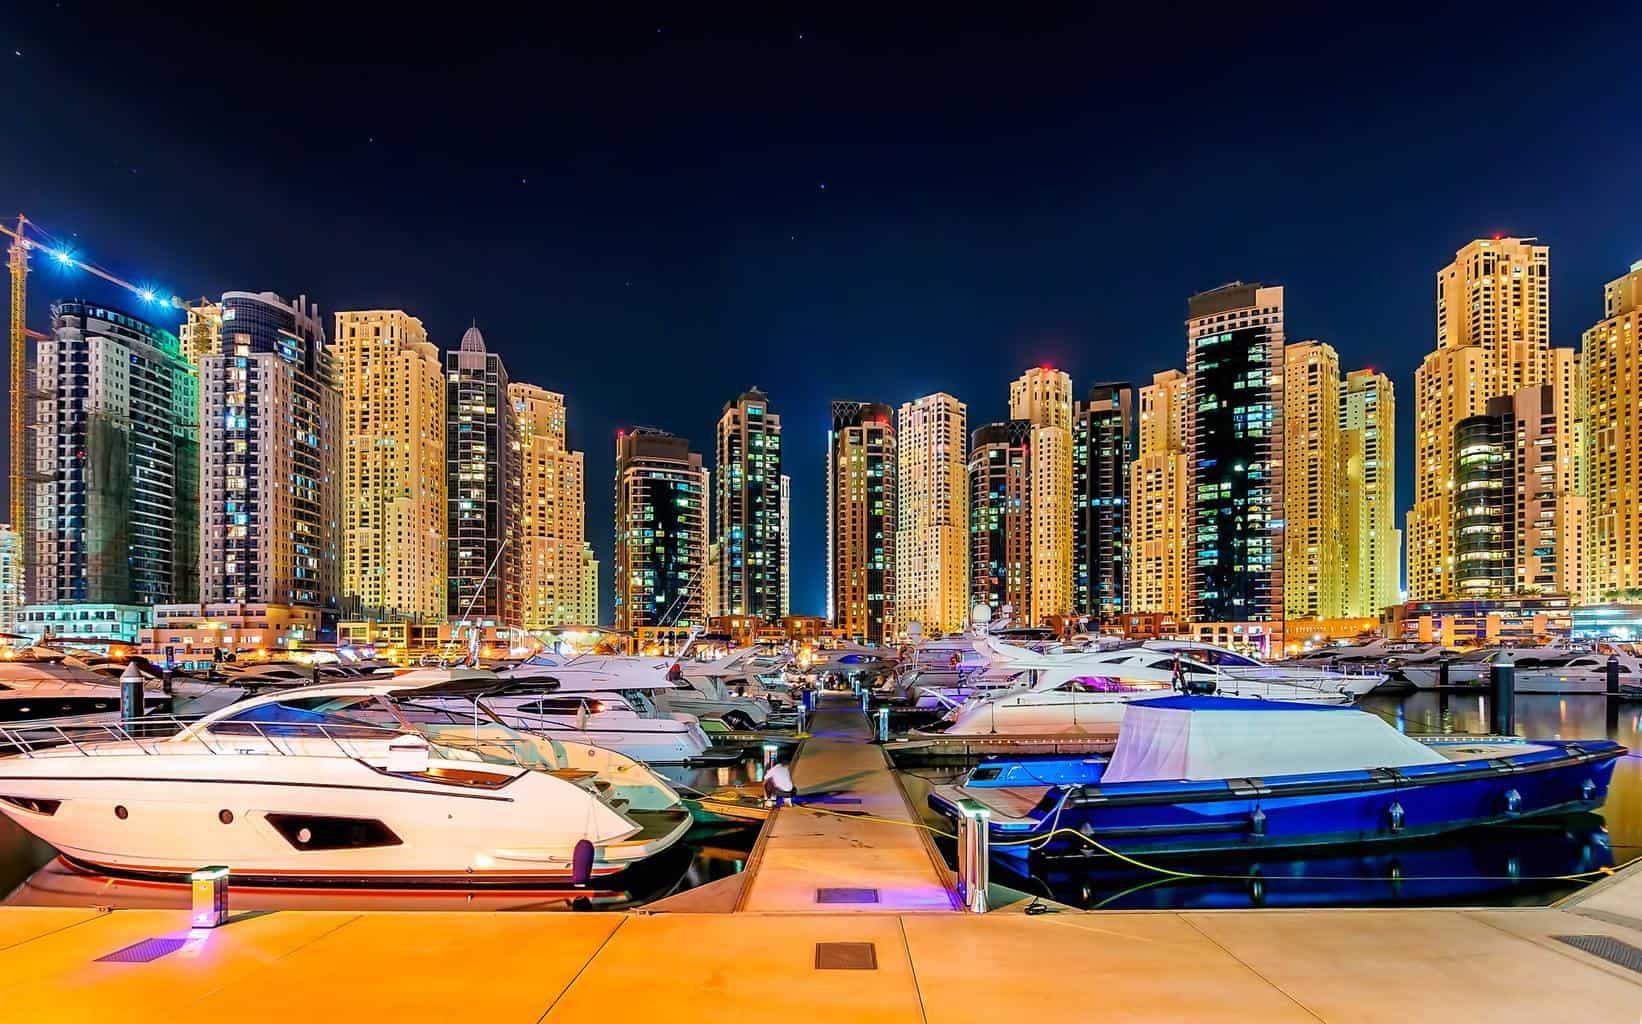 Colorful dubai marina skyline, Dubai, United Arab Emirates